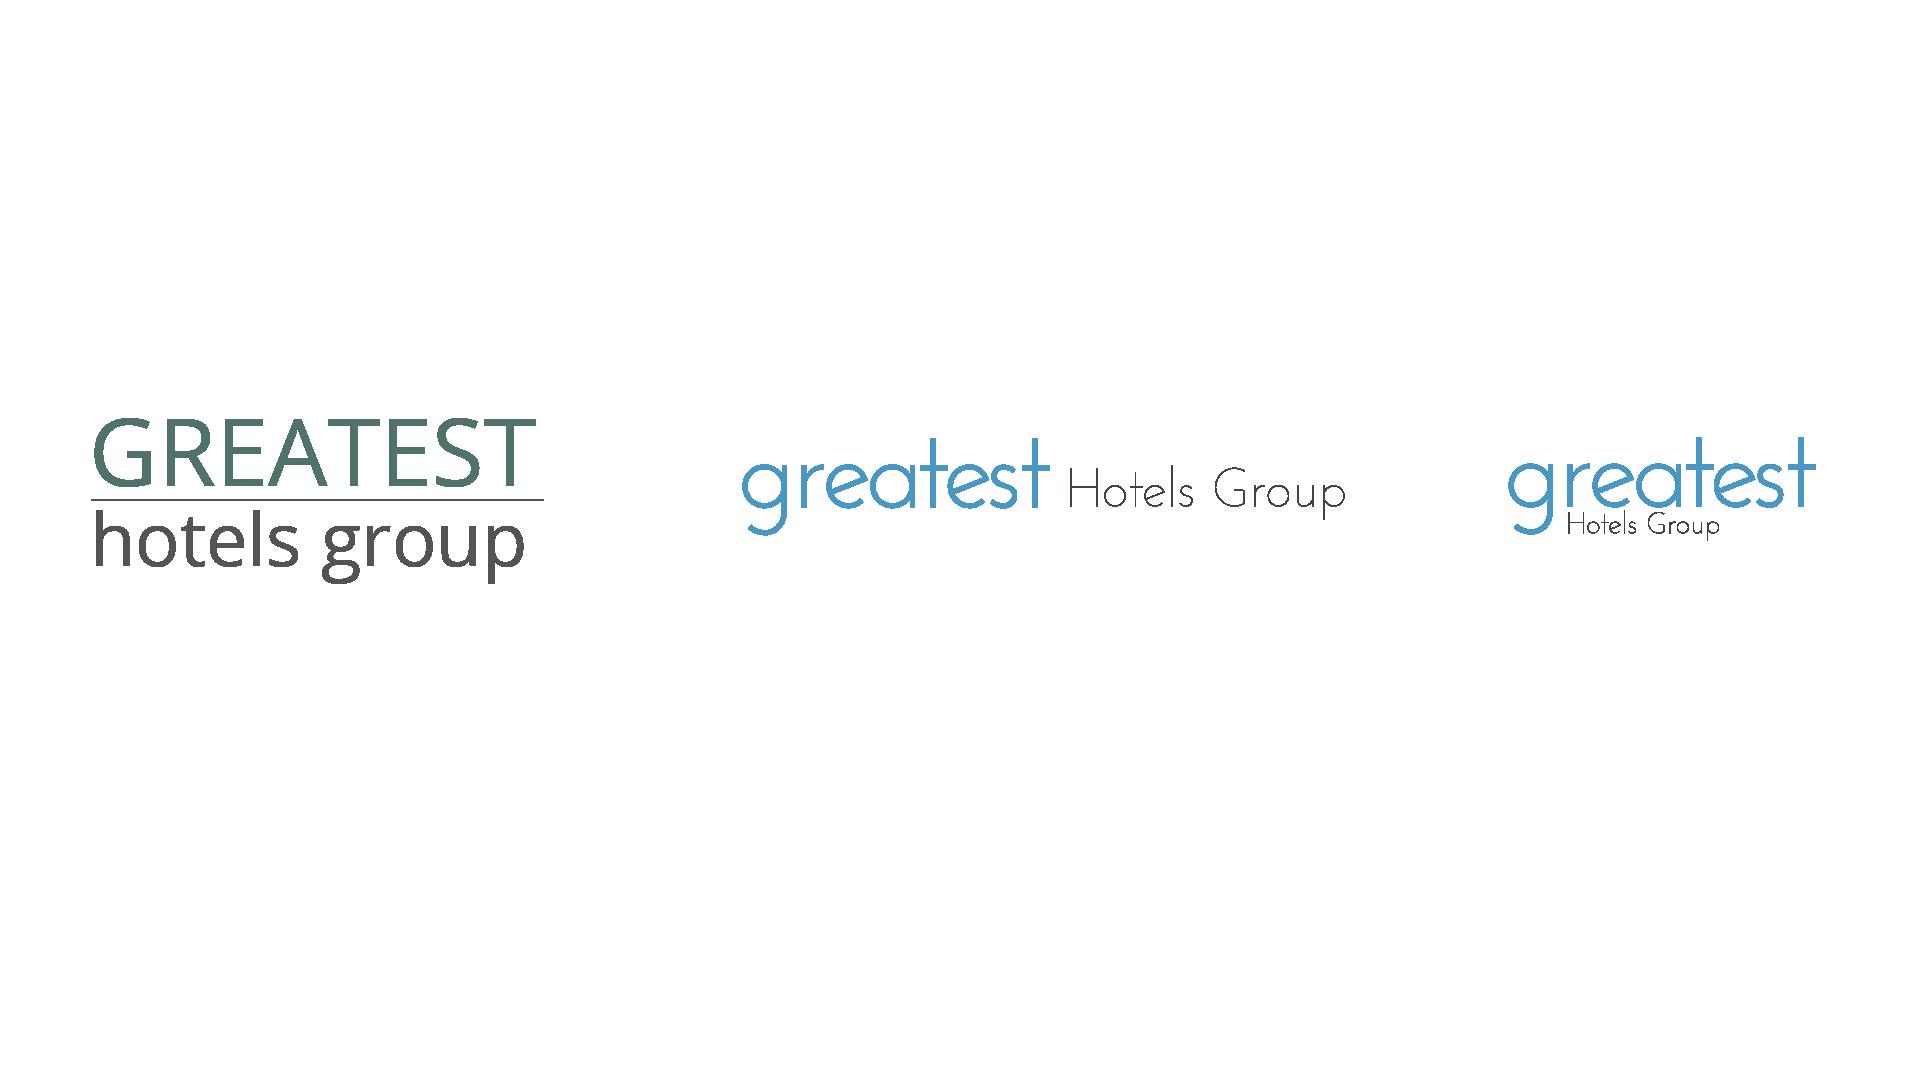 GreatestHotels_Slide4.png